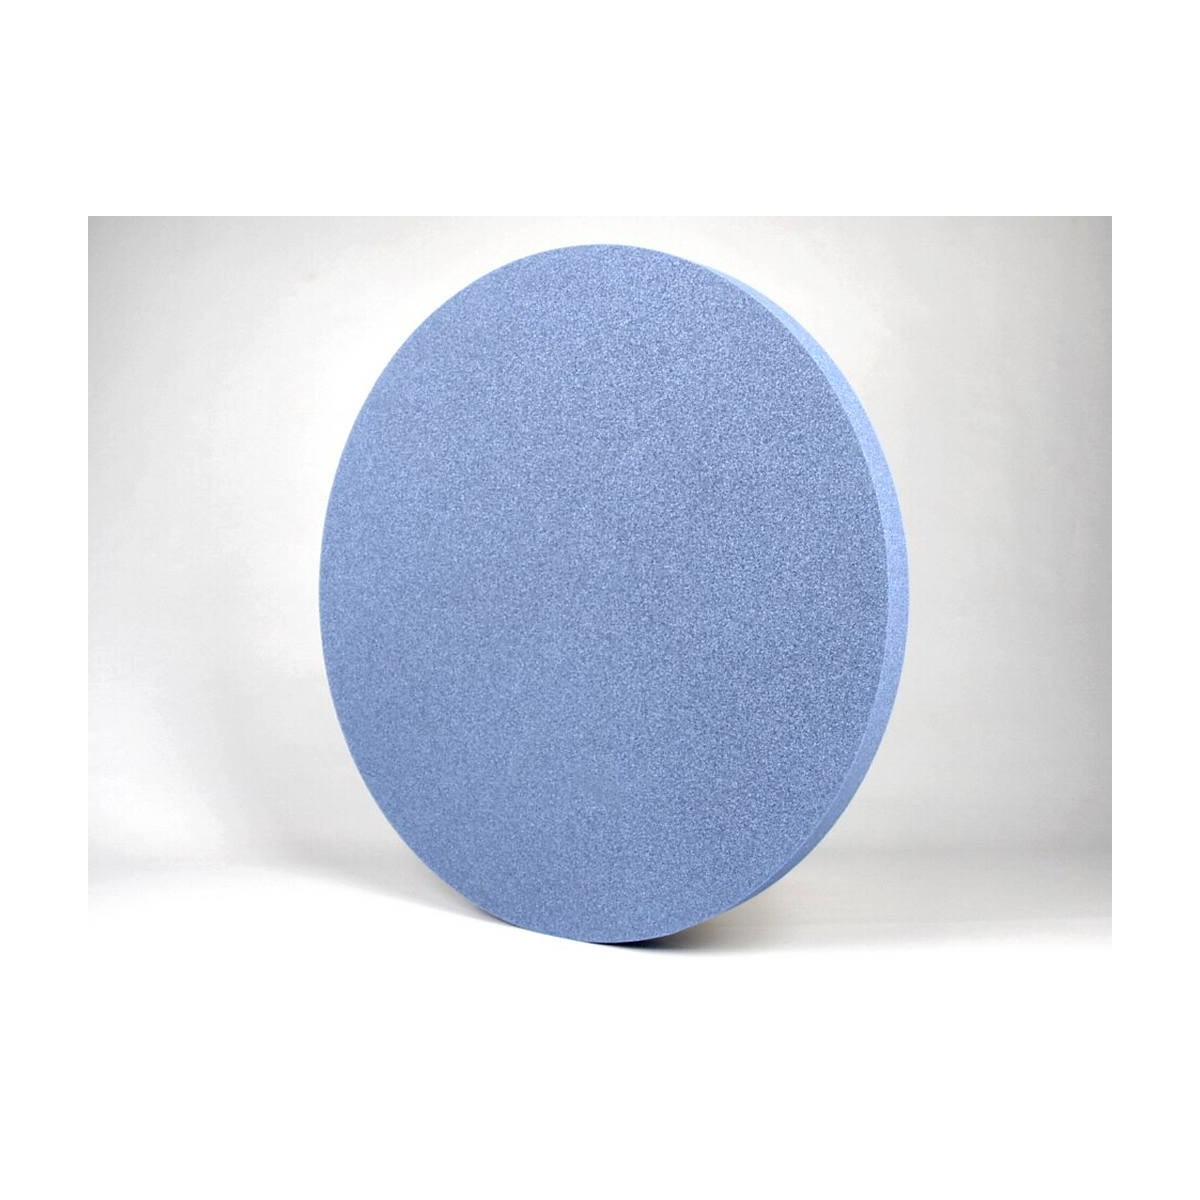 Circulo acustico fonoabsorbente para reducir ruido y reverberacion